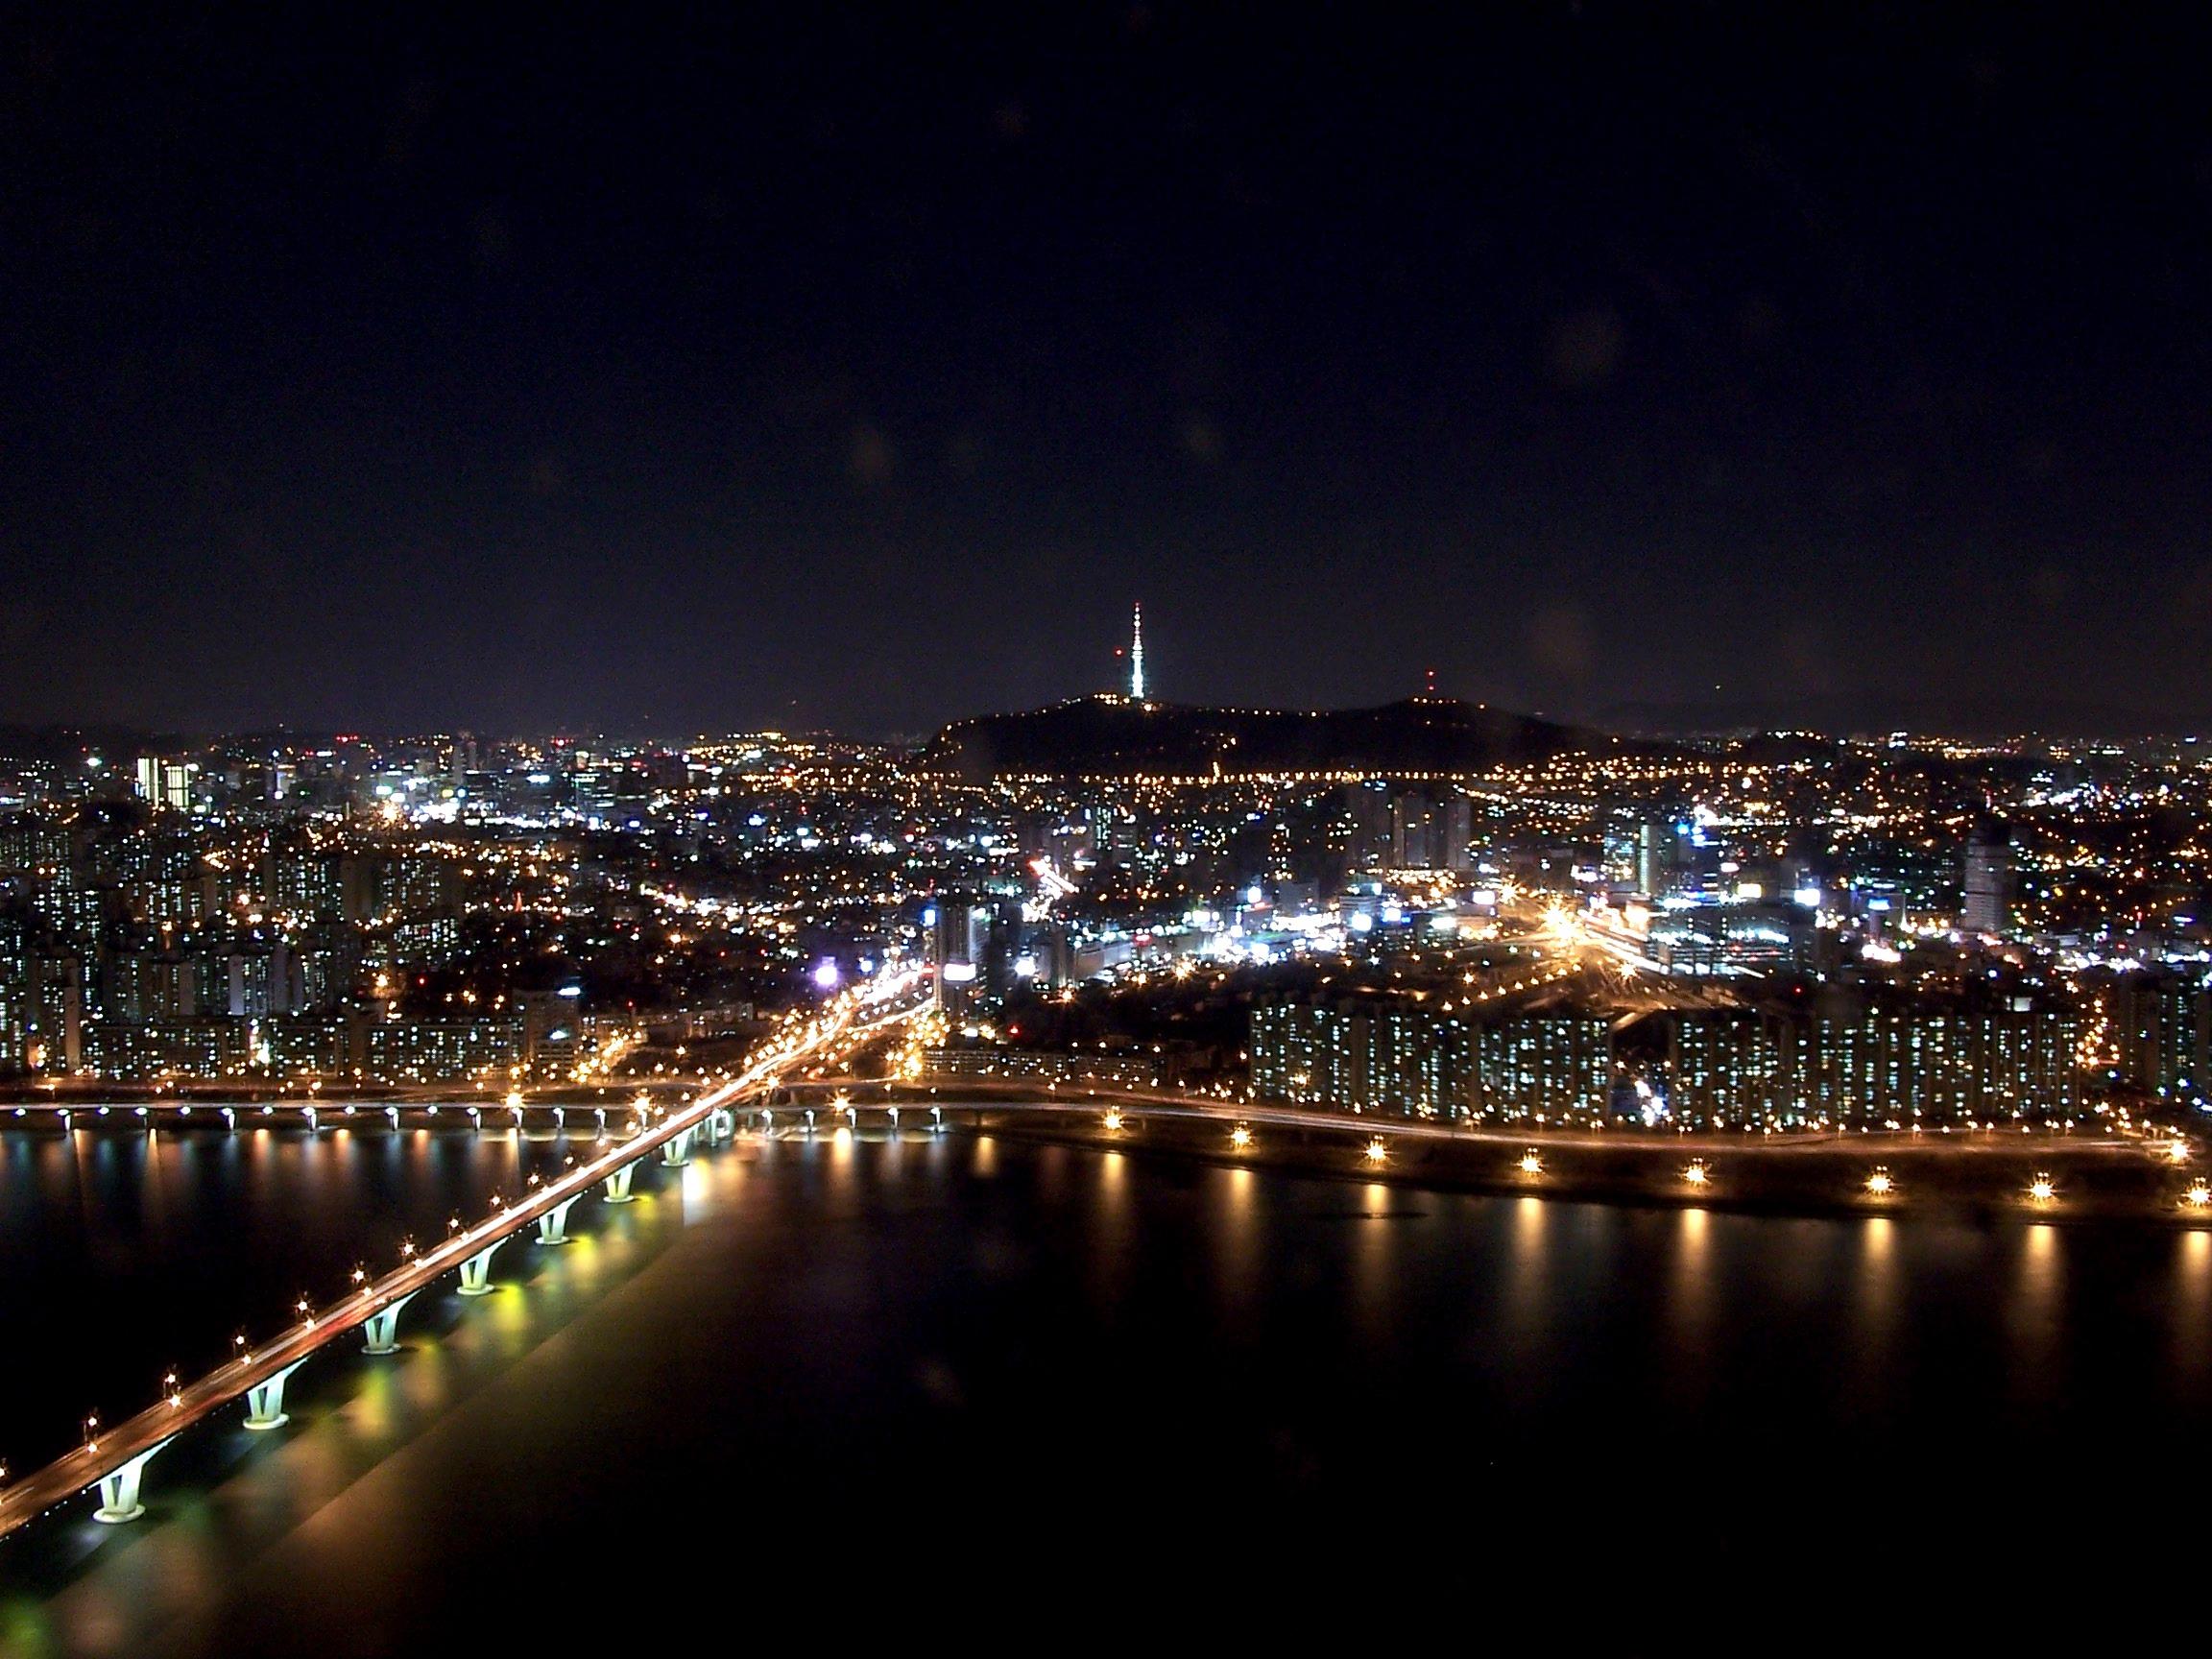 Seoul at night by Charles Lam - CC BY-SA 2.0